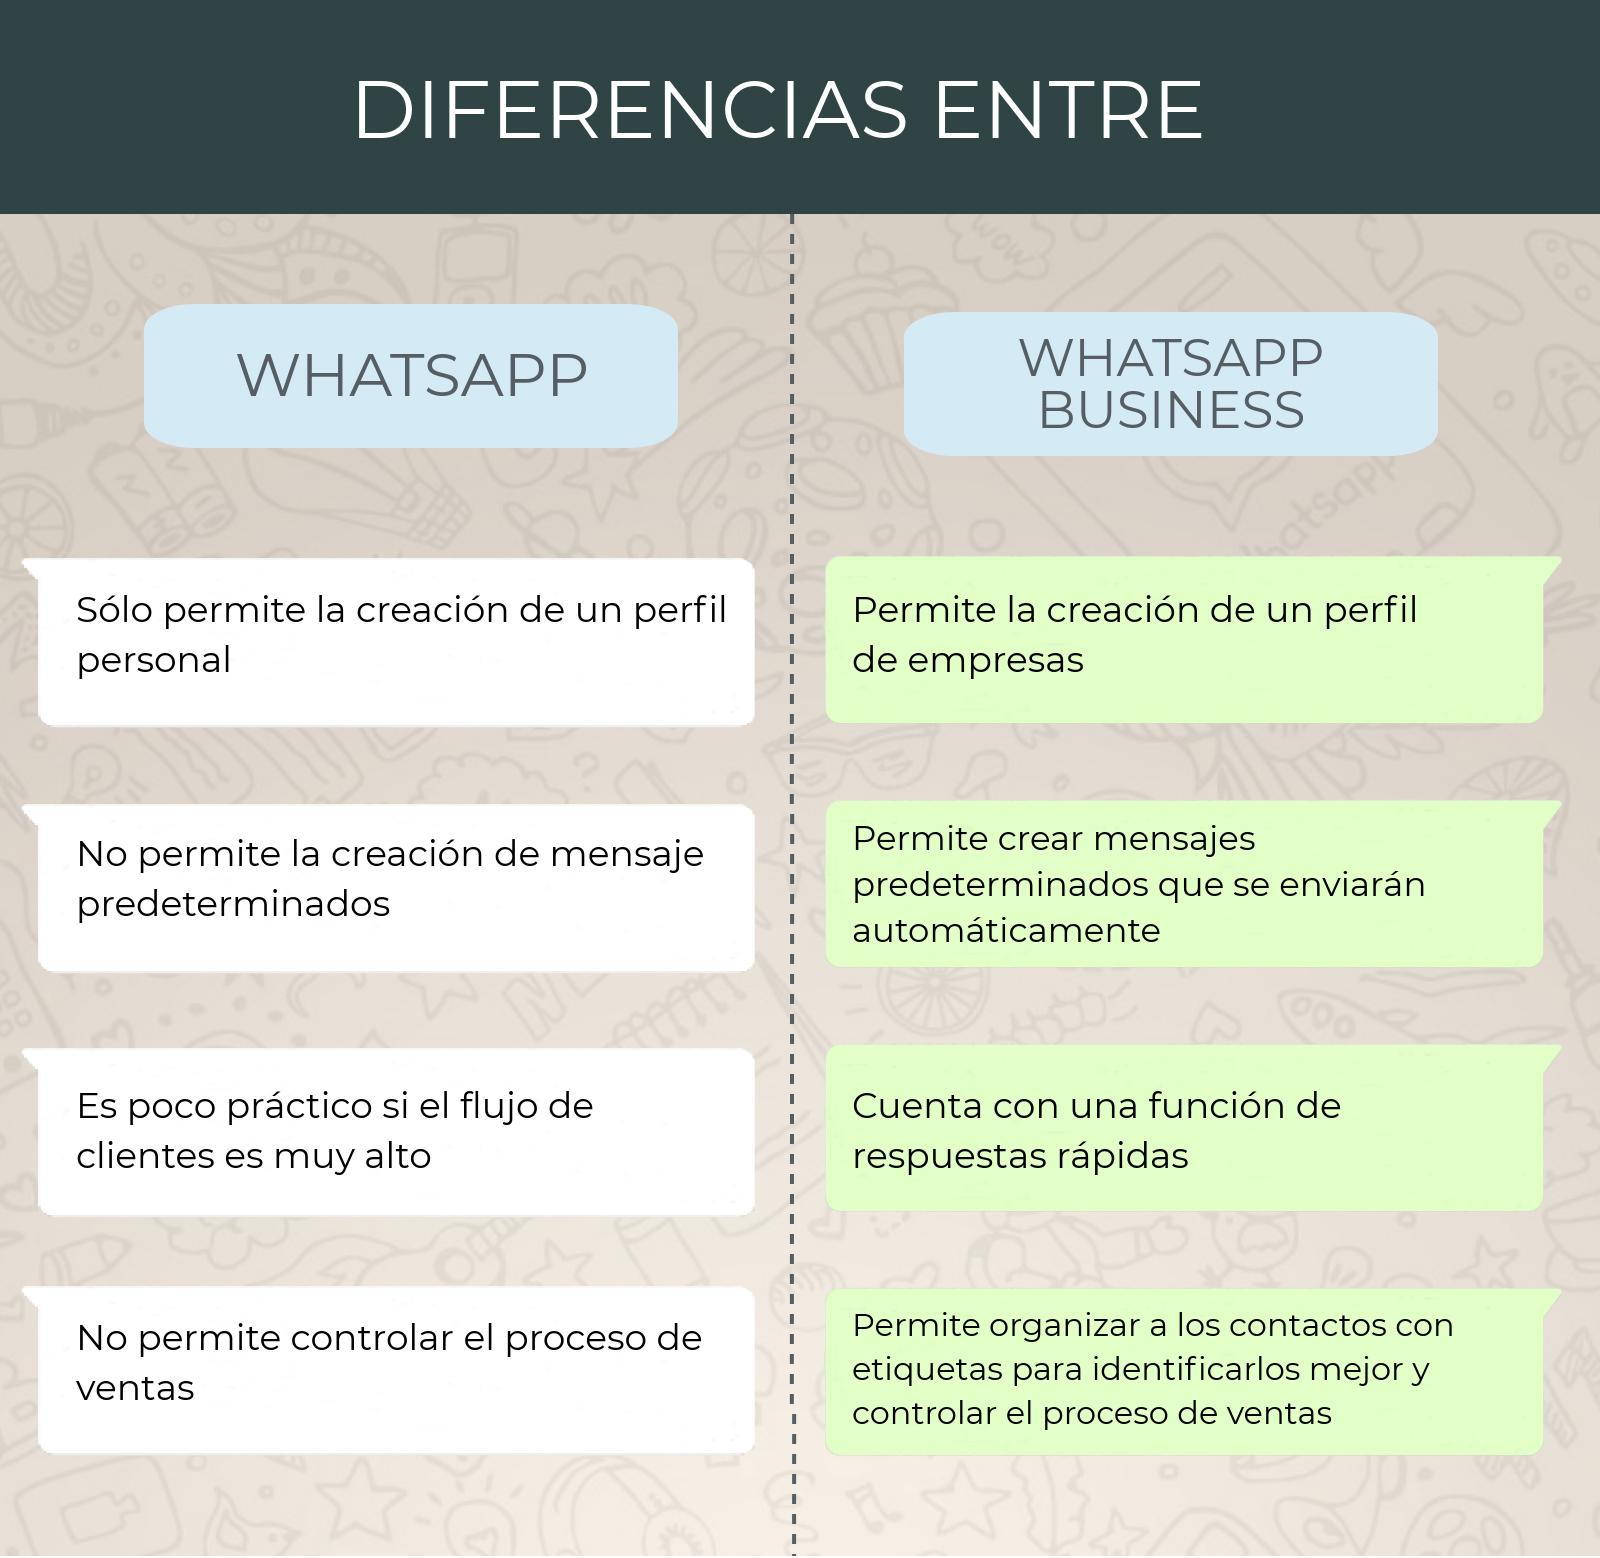 Infografía-WhatsApp